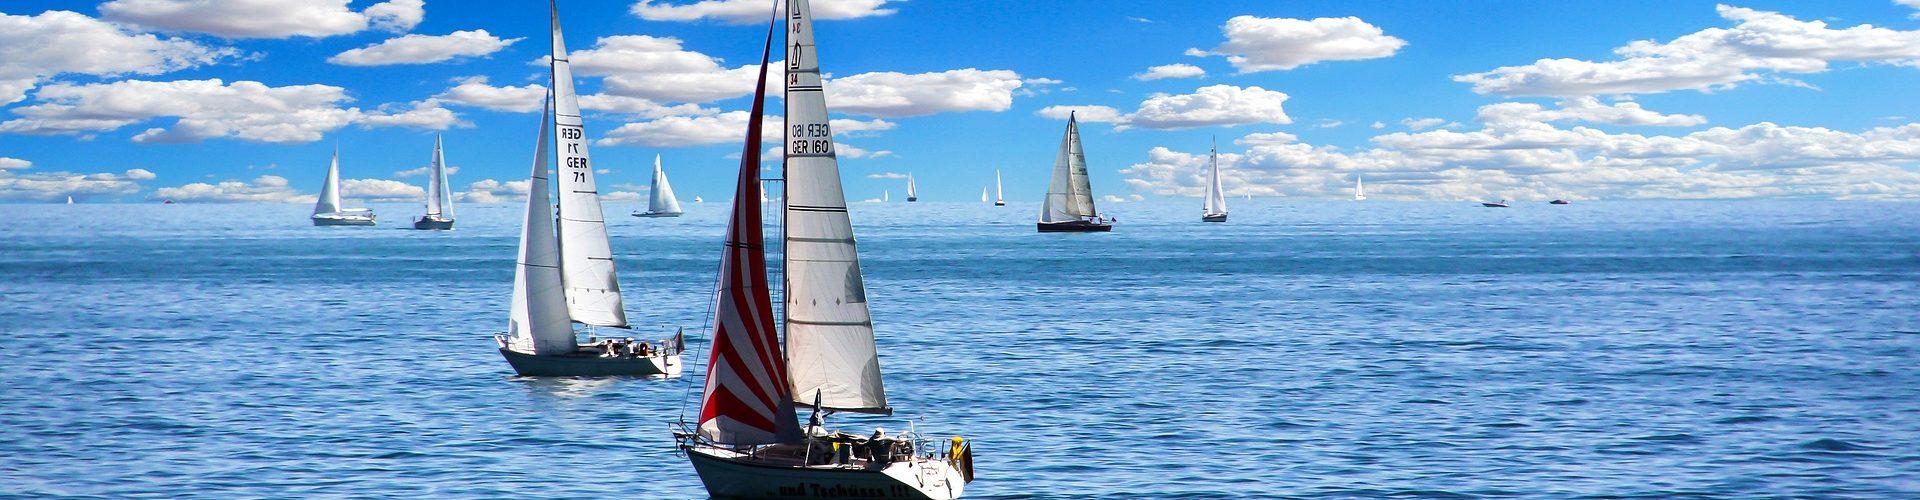 segeln lernen in Miltenberg segelschein machen in Miltenberg 1920x500 - Segeln lernen in Miltenberg